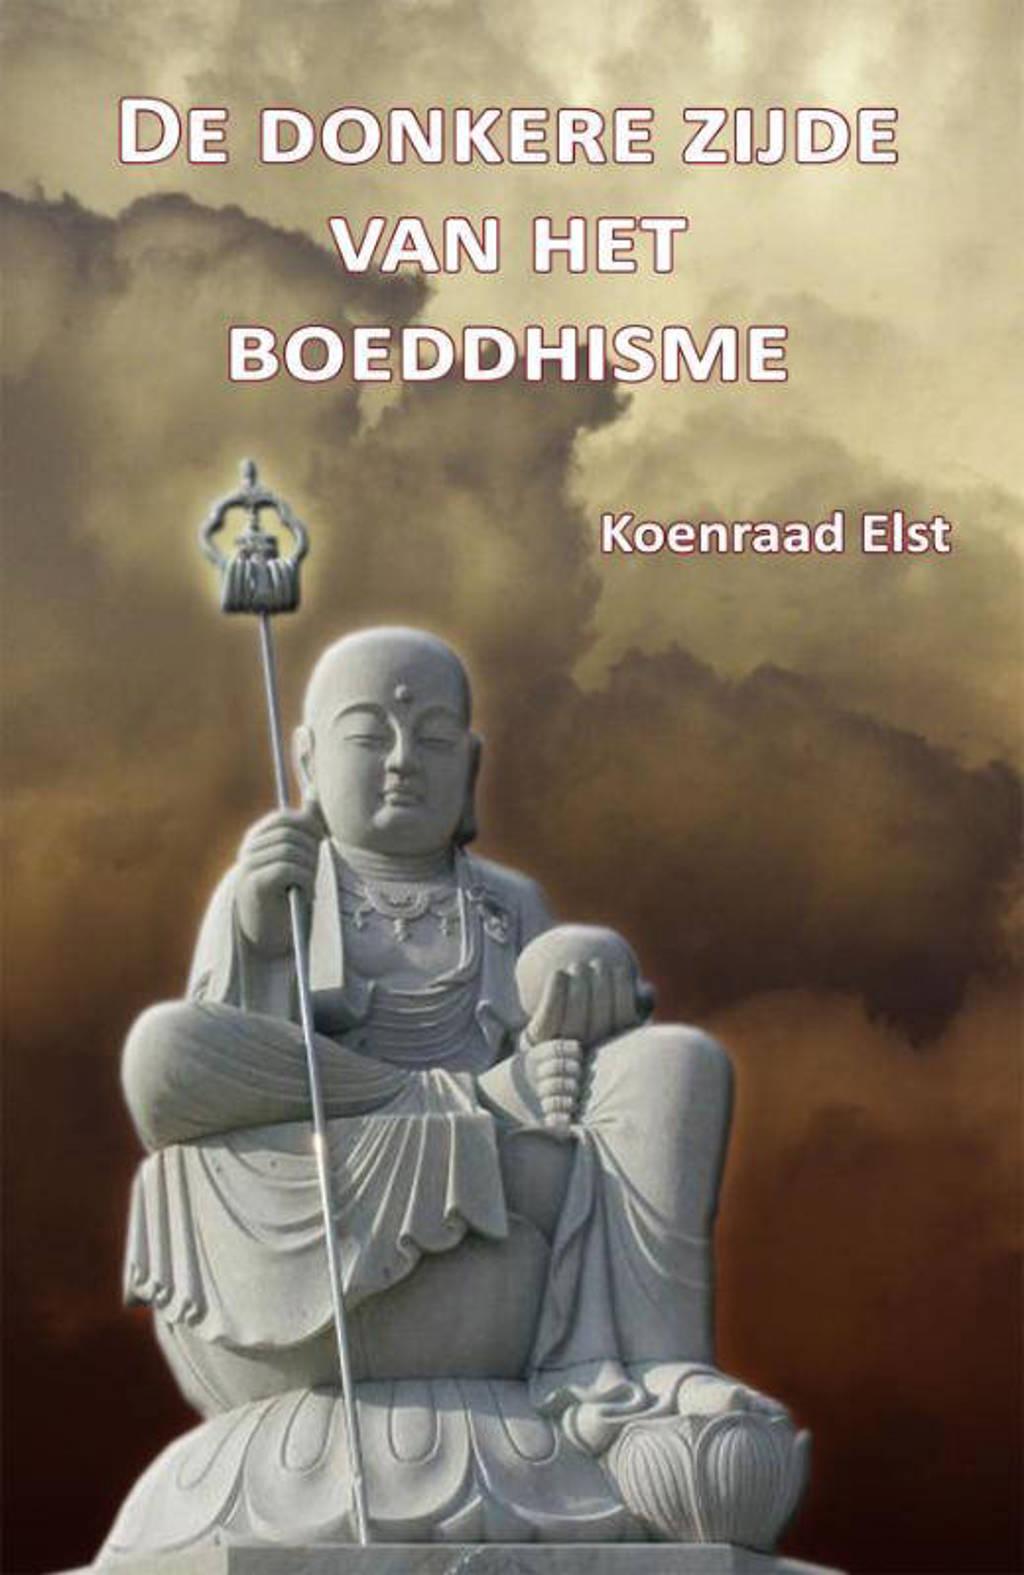 De donkere zijde van het Boeddhisme - K. Elst